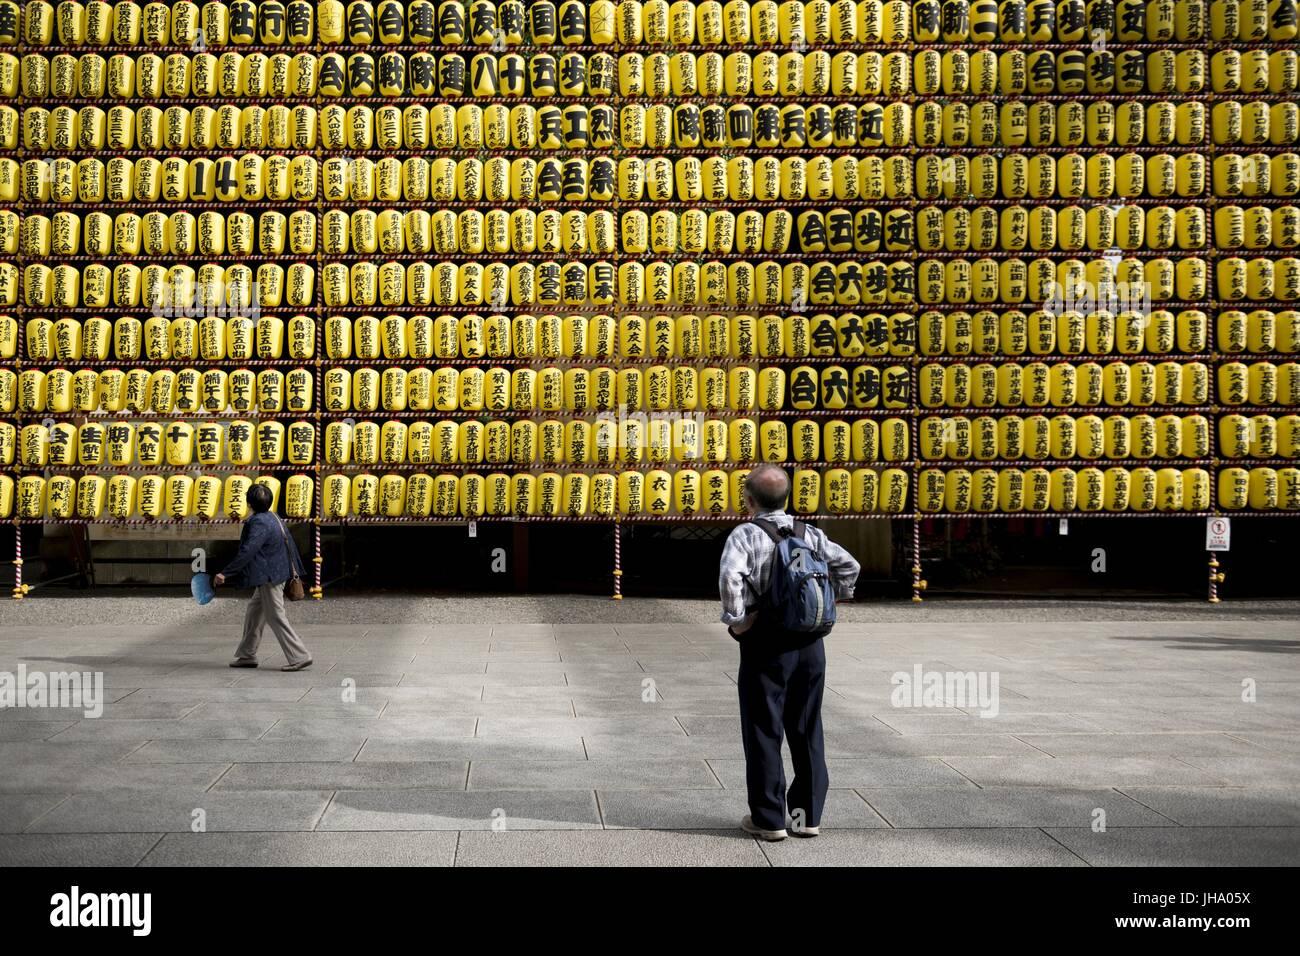 Hiratsuka, Kanagawa, Japan. 13th July, 2017. Visitors enjoy the display of a row of paper lanterns with the names - Stock Image